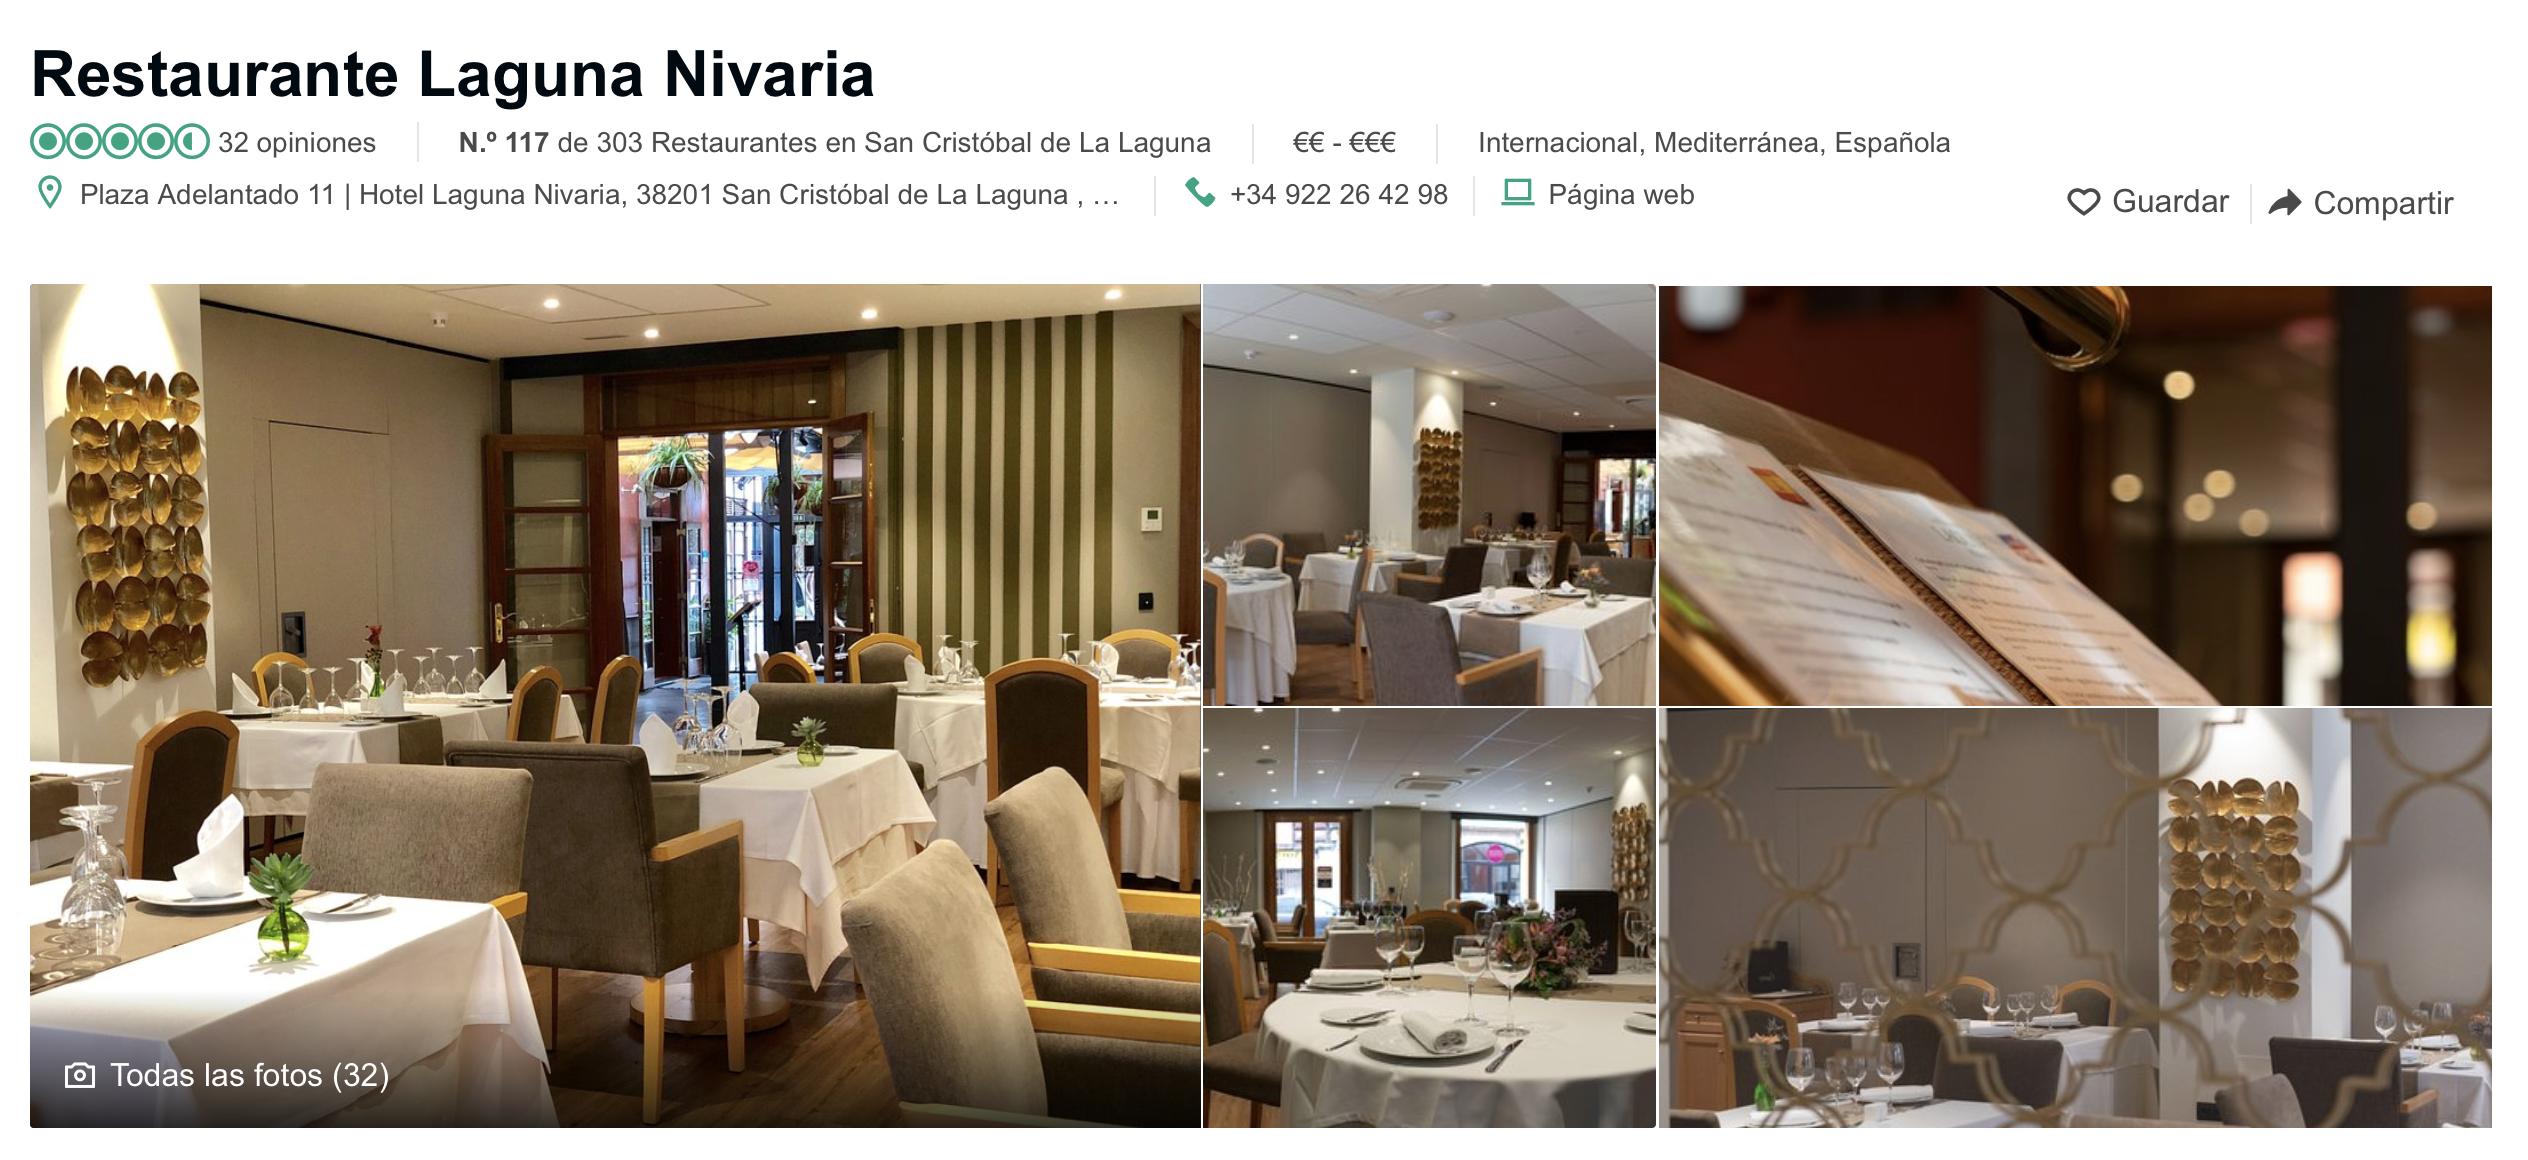 Restaurante Nivaria TripAdvisor